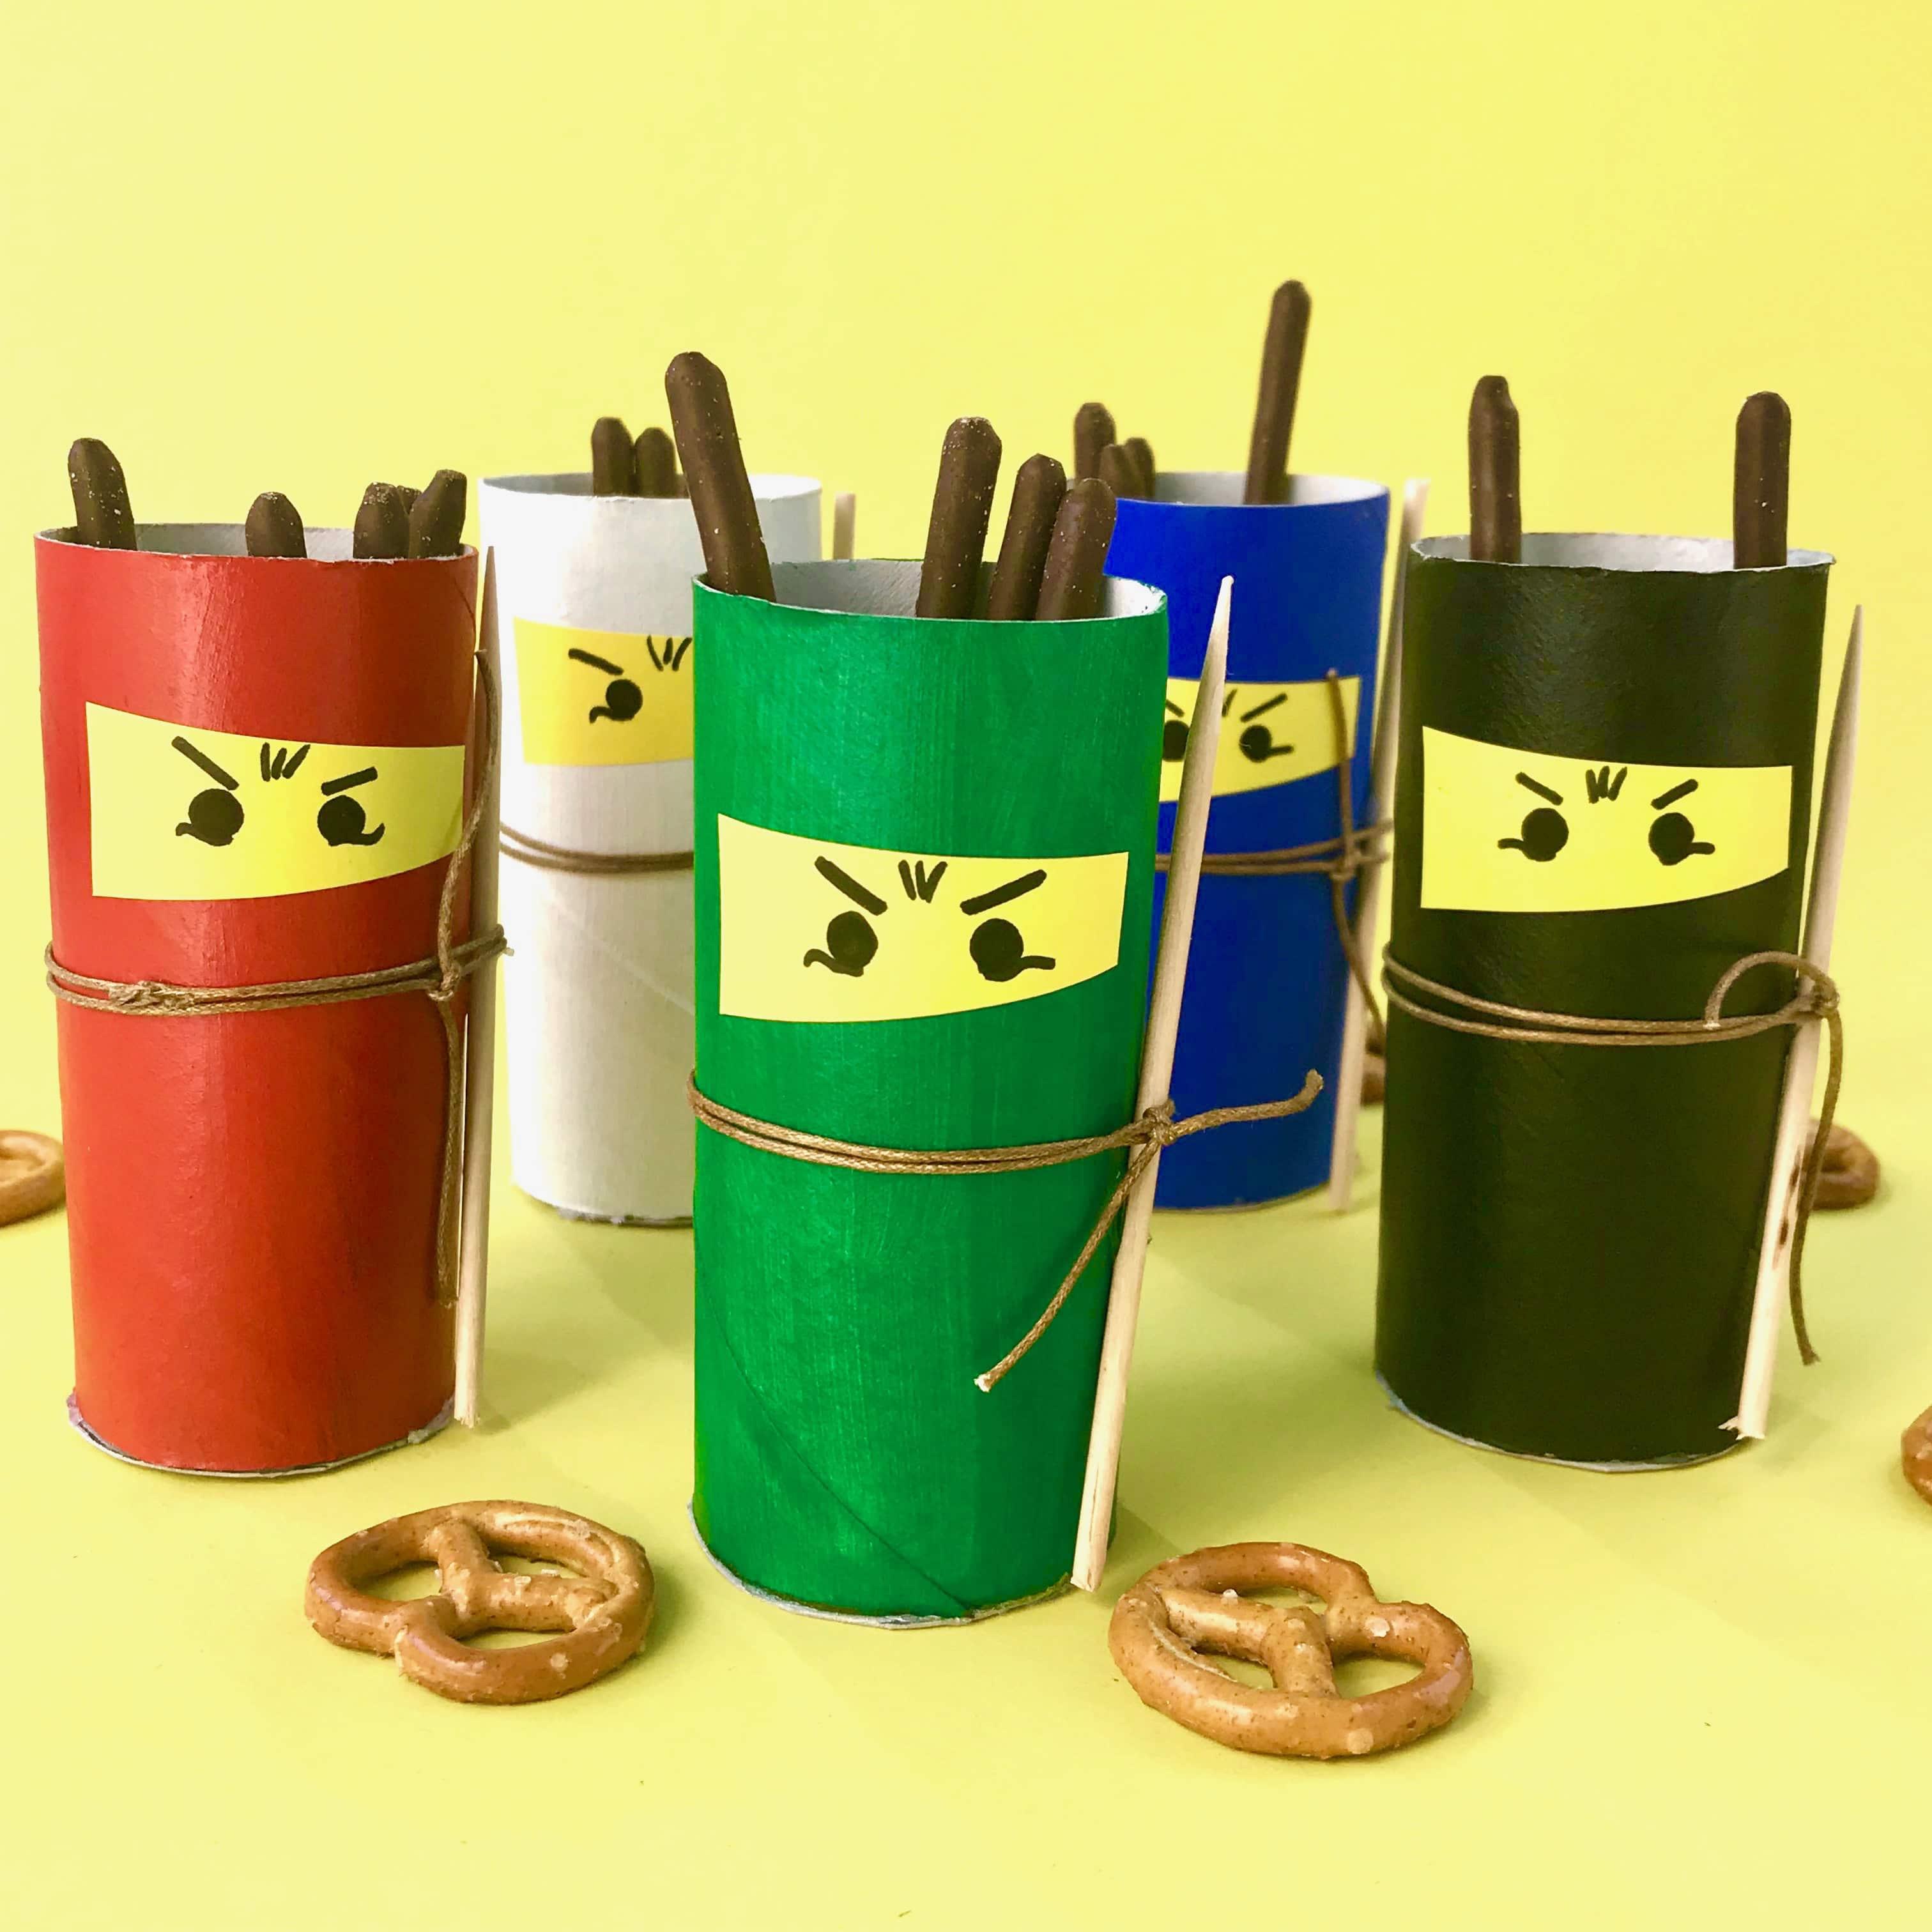 nachhaltige-upcycling-tischdeko-fuer-ninja-kindergeburtstag-aus-klorollen-basteln